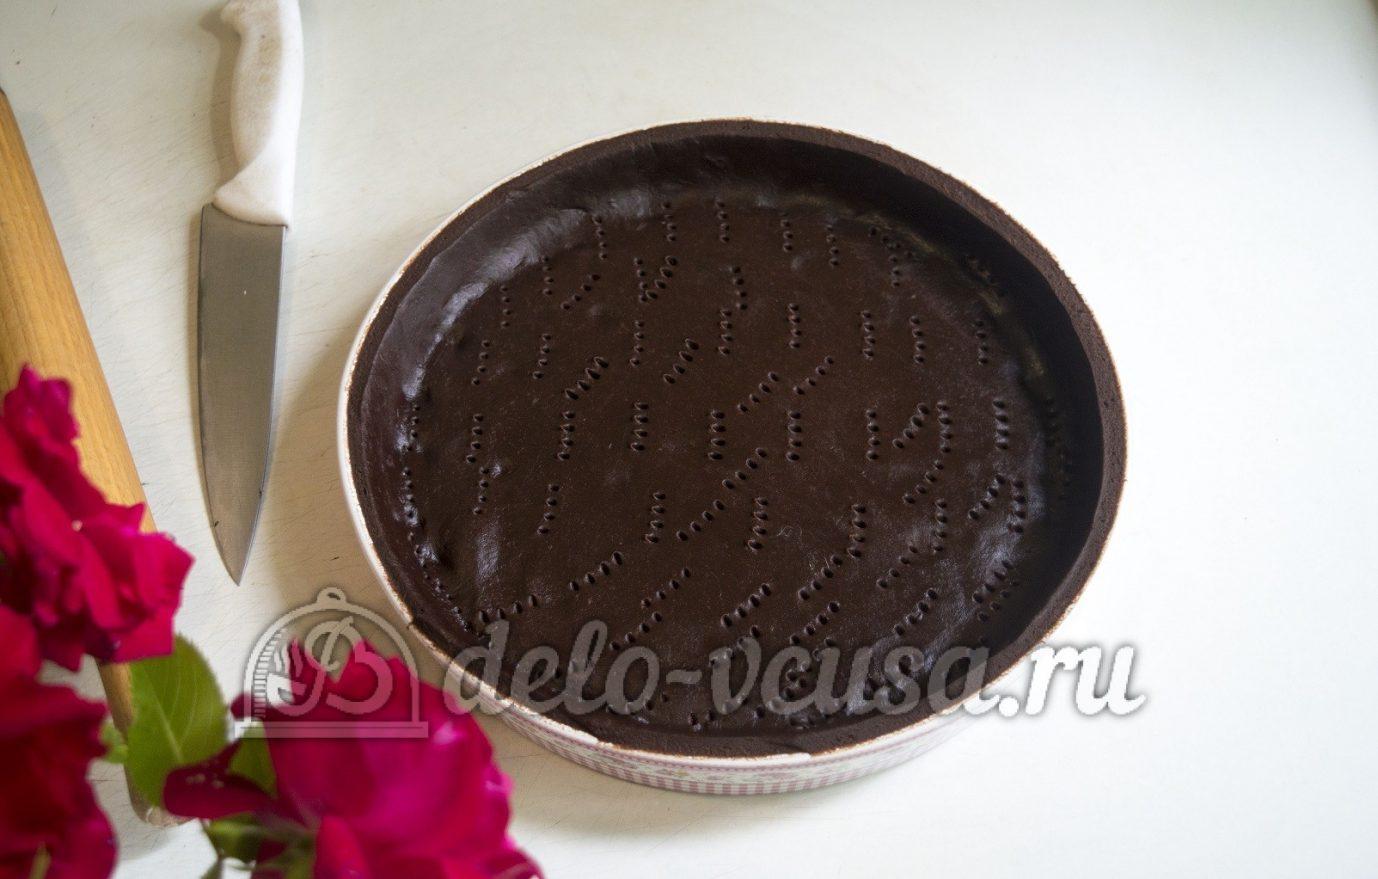 Пирог с клубникой и заварным кремом: Разровнять тесто в форме